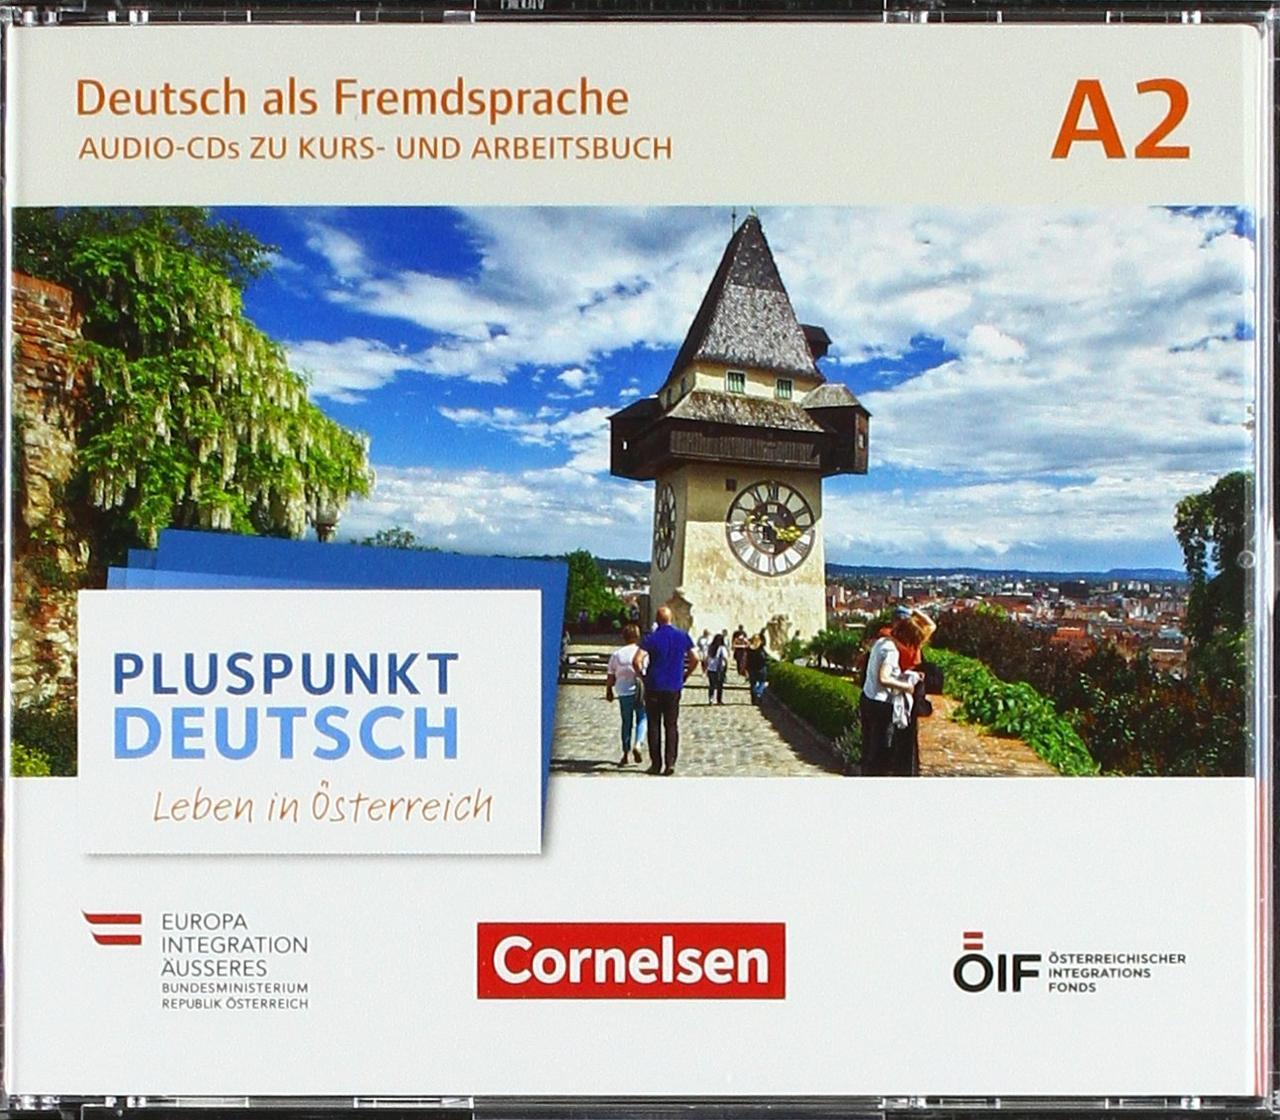 Pluspunkt Deutsch. Leben in Österreich A2. Audio-CDs wav-Format zu Kurs- und Arbeitsbuch